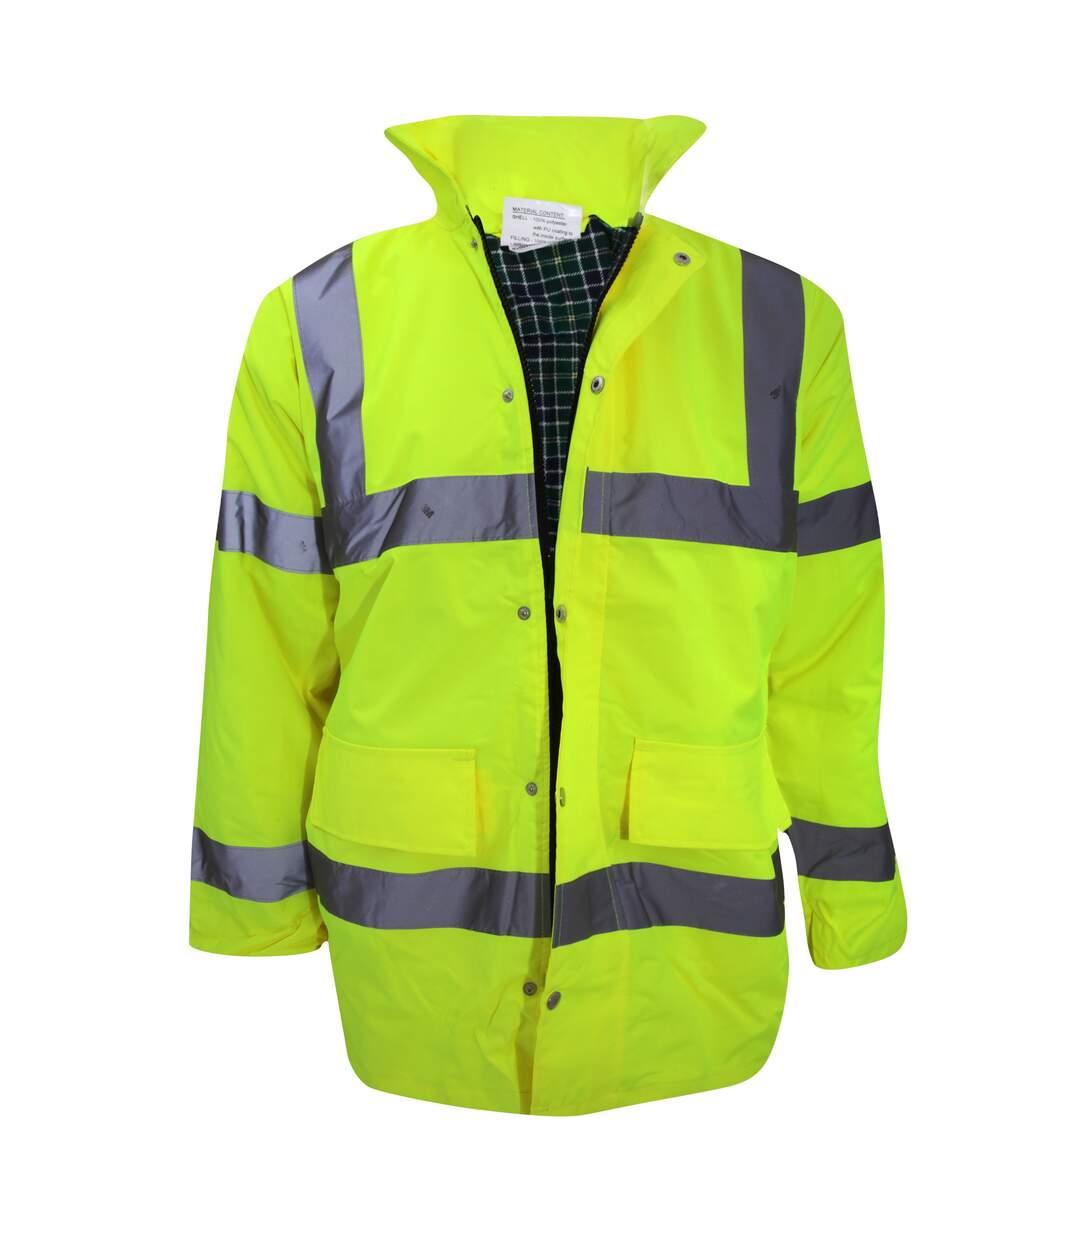 Yoko Mens Hi-Vis Contractor Jacket (Hi-Vis Yellow) - UTBC1256